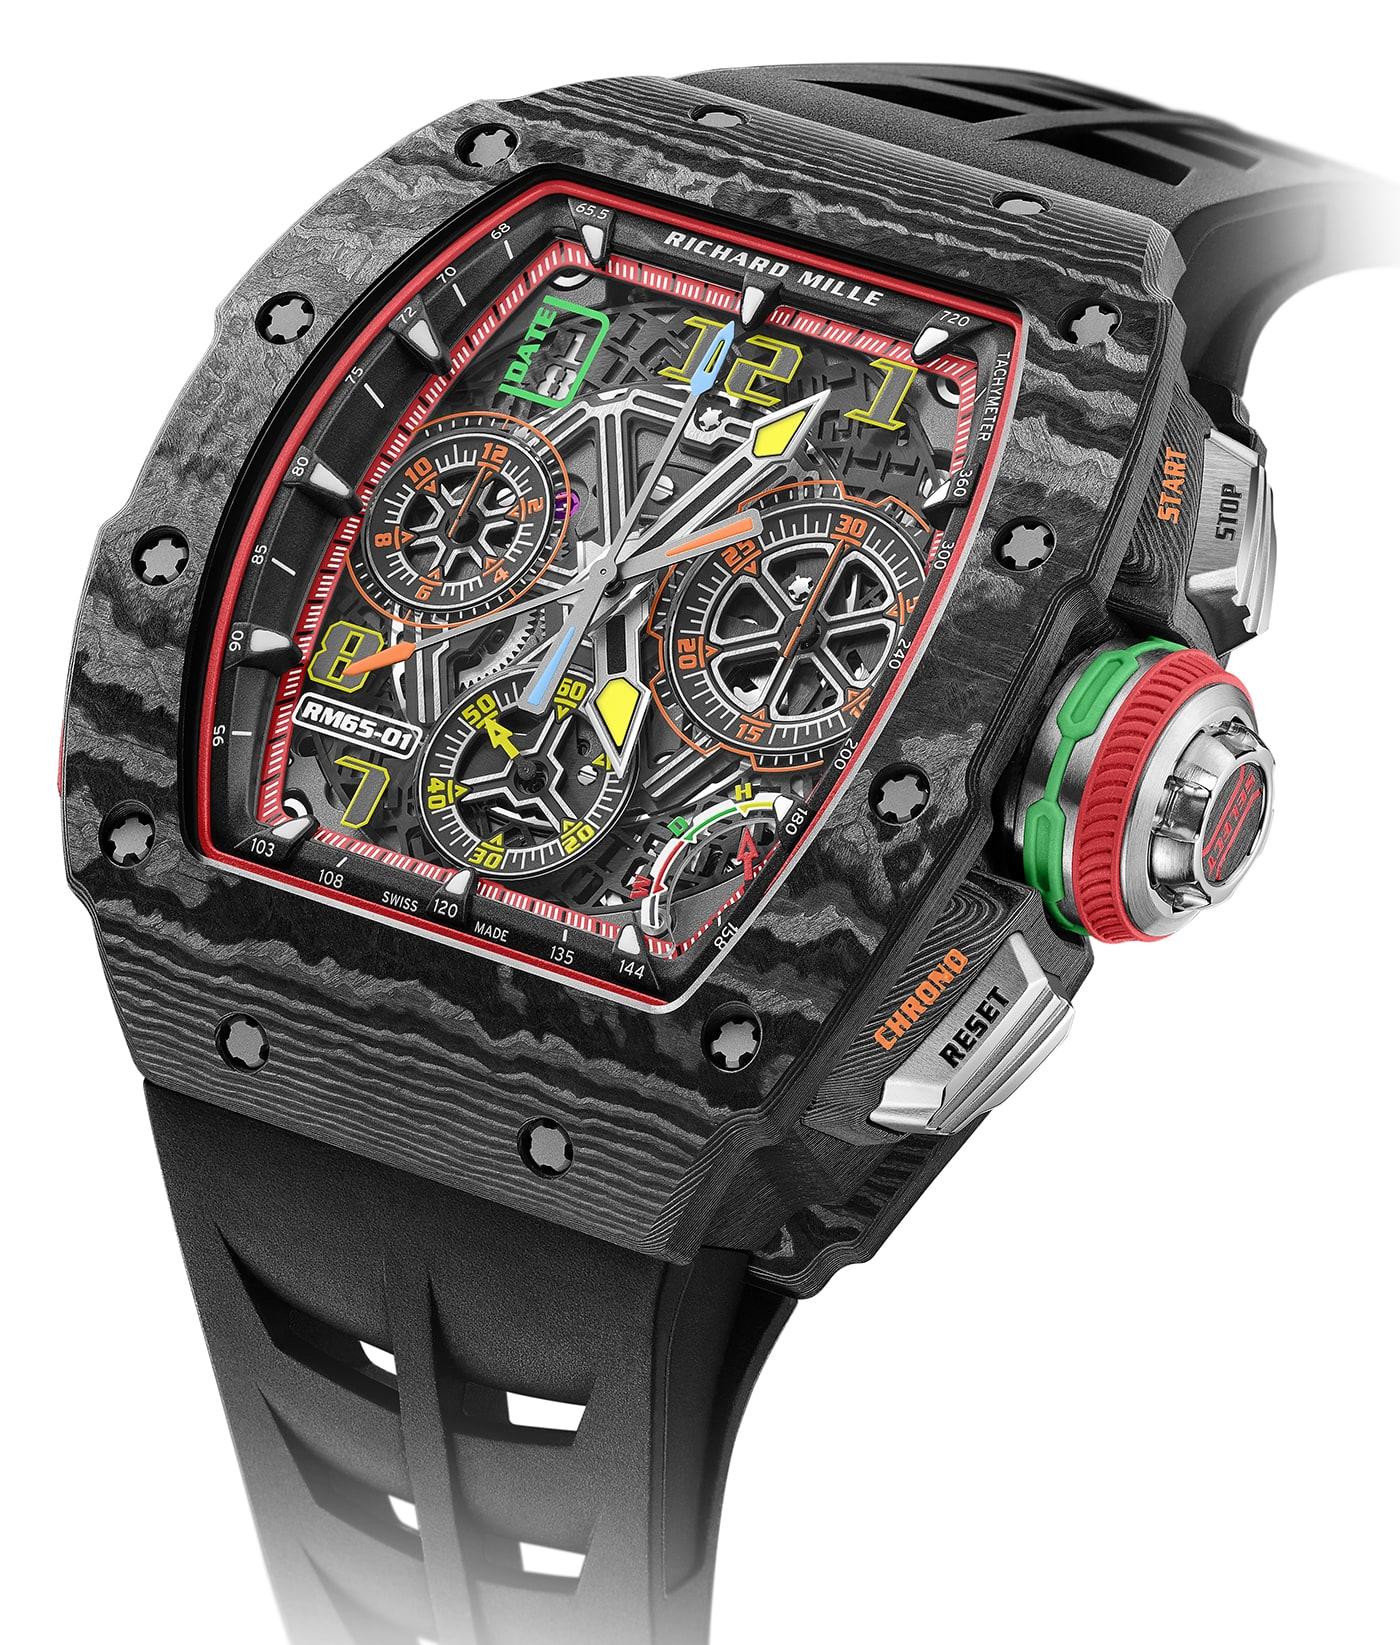 Richard Mille RM 65 01 Automatic Split Seconds Chronograph 7 min